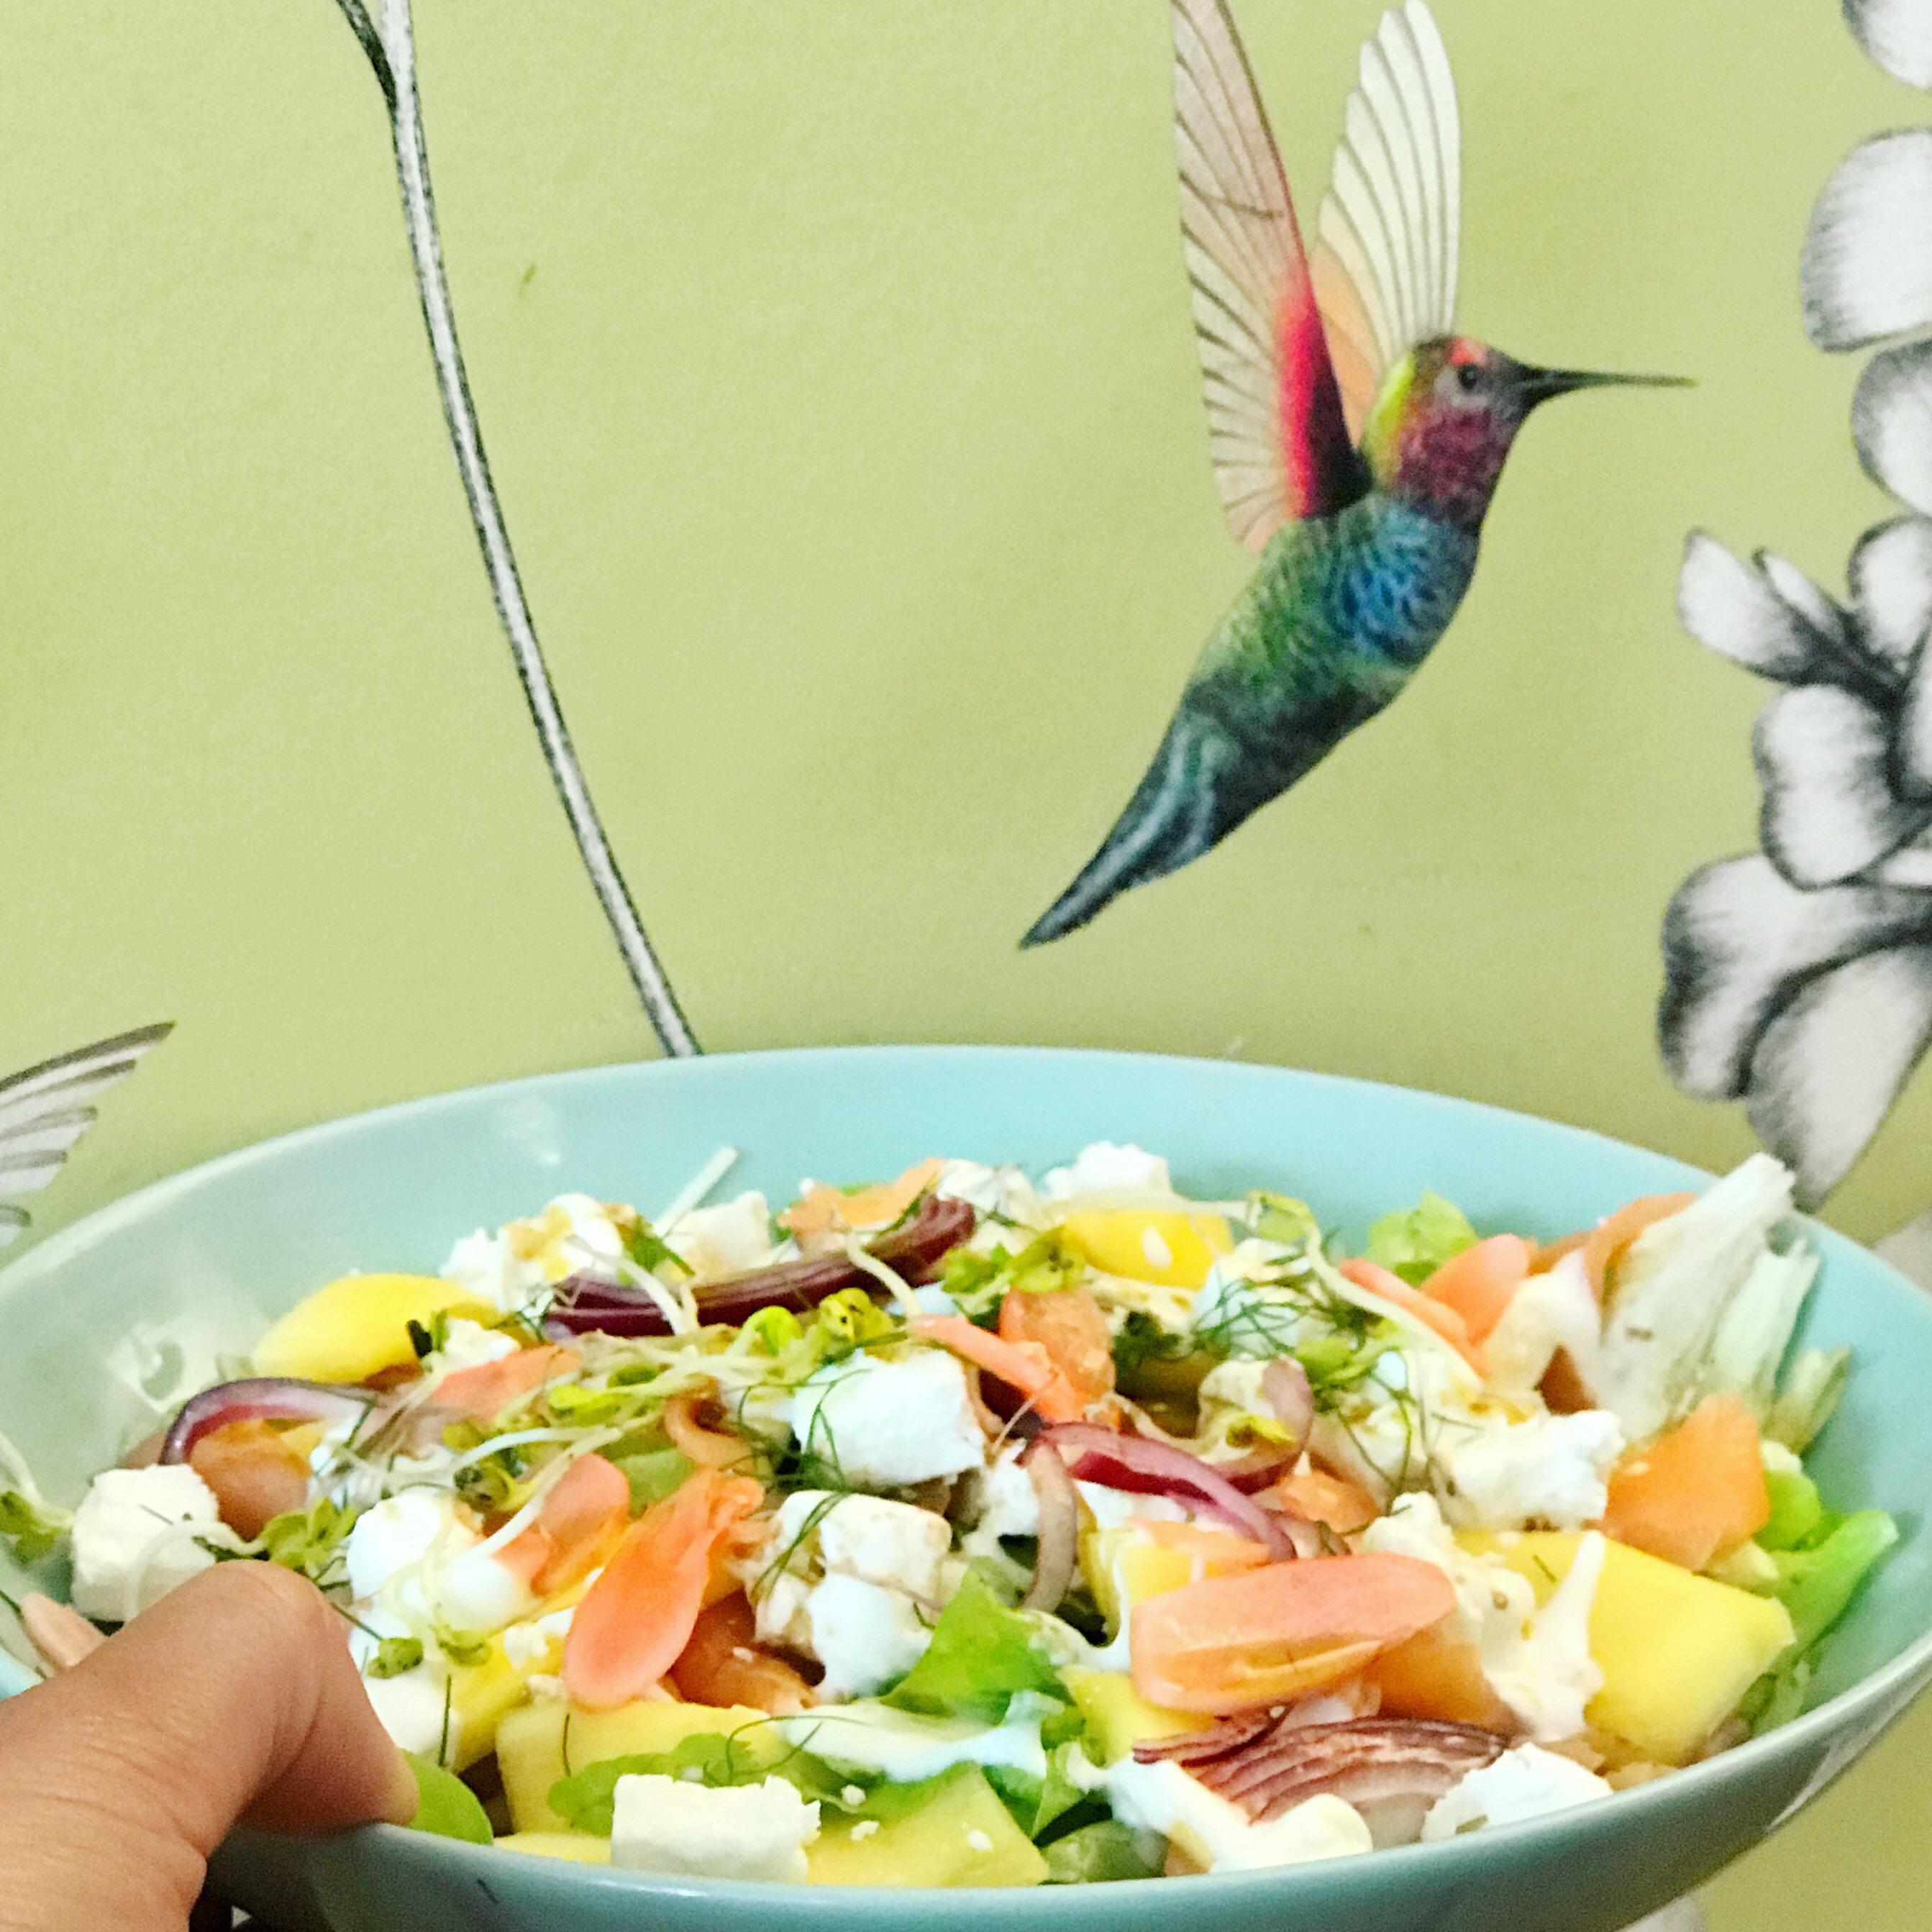 manger healthy le midi quand on manque de temps De Rode Koe Lille